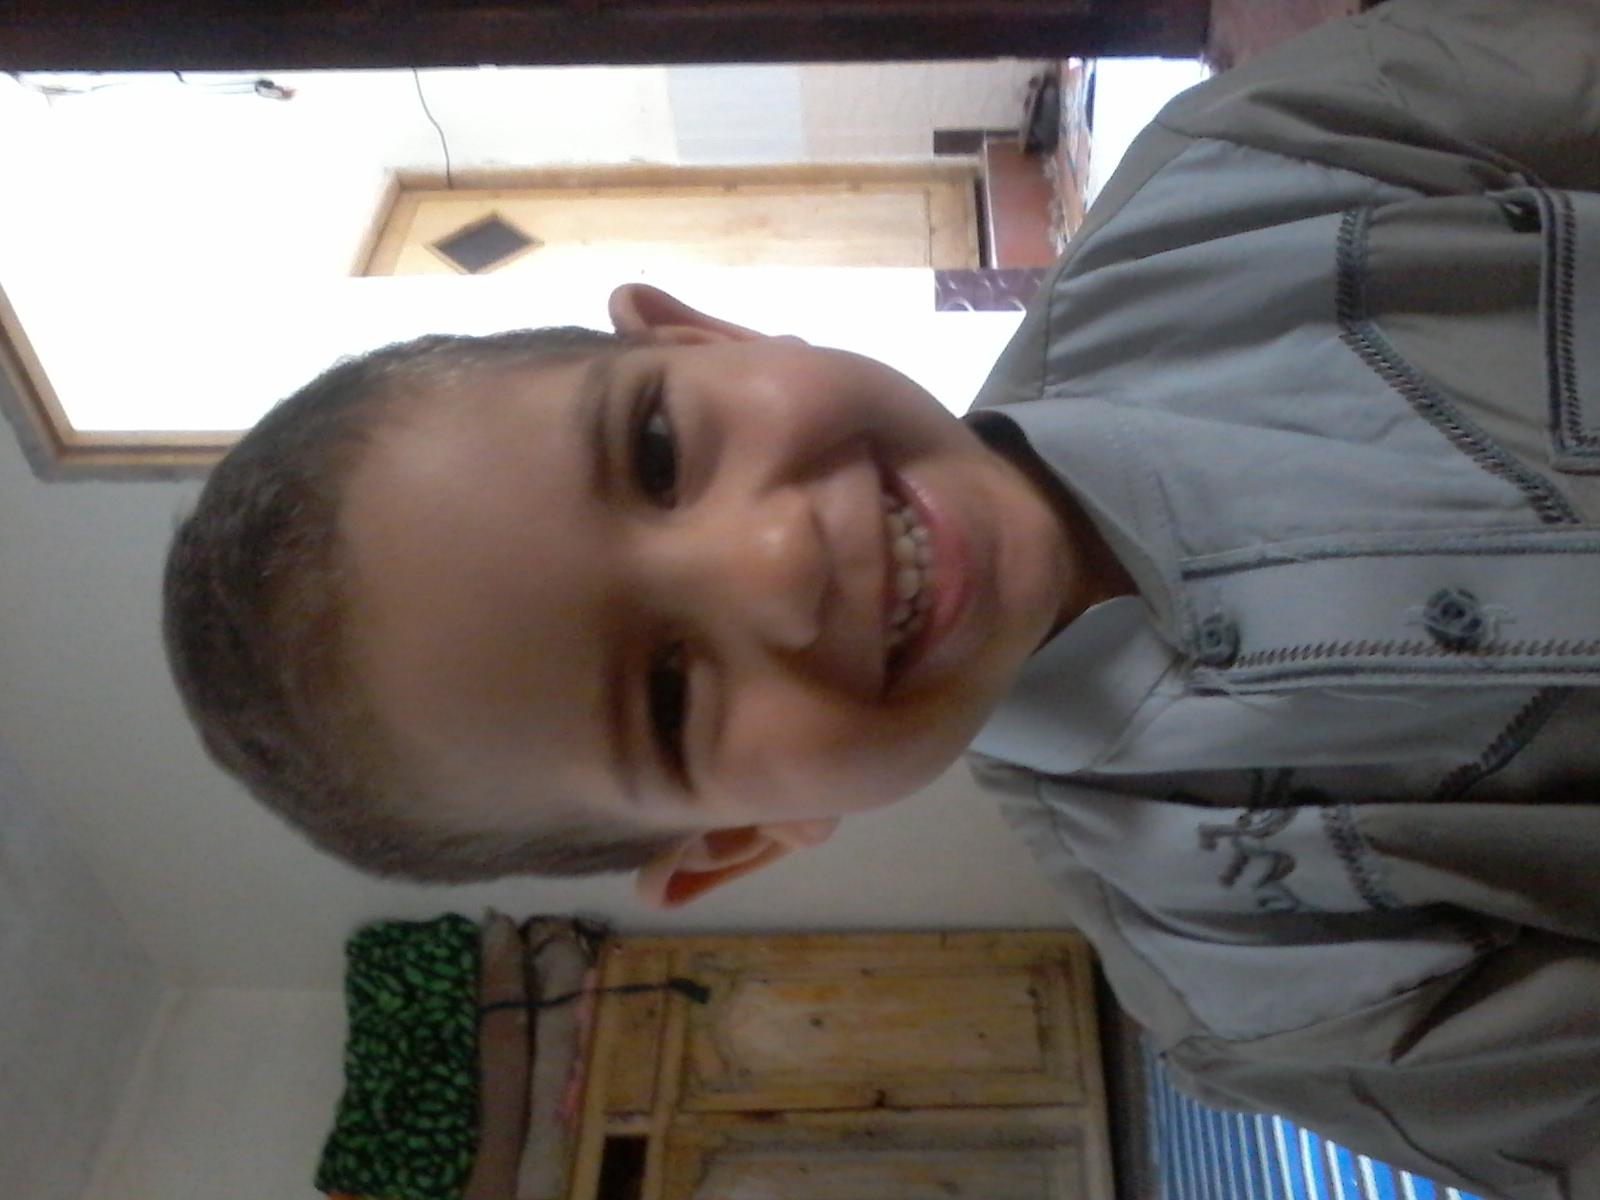 محمد لعبيدي Profile Picture